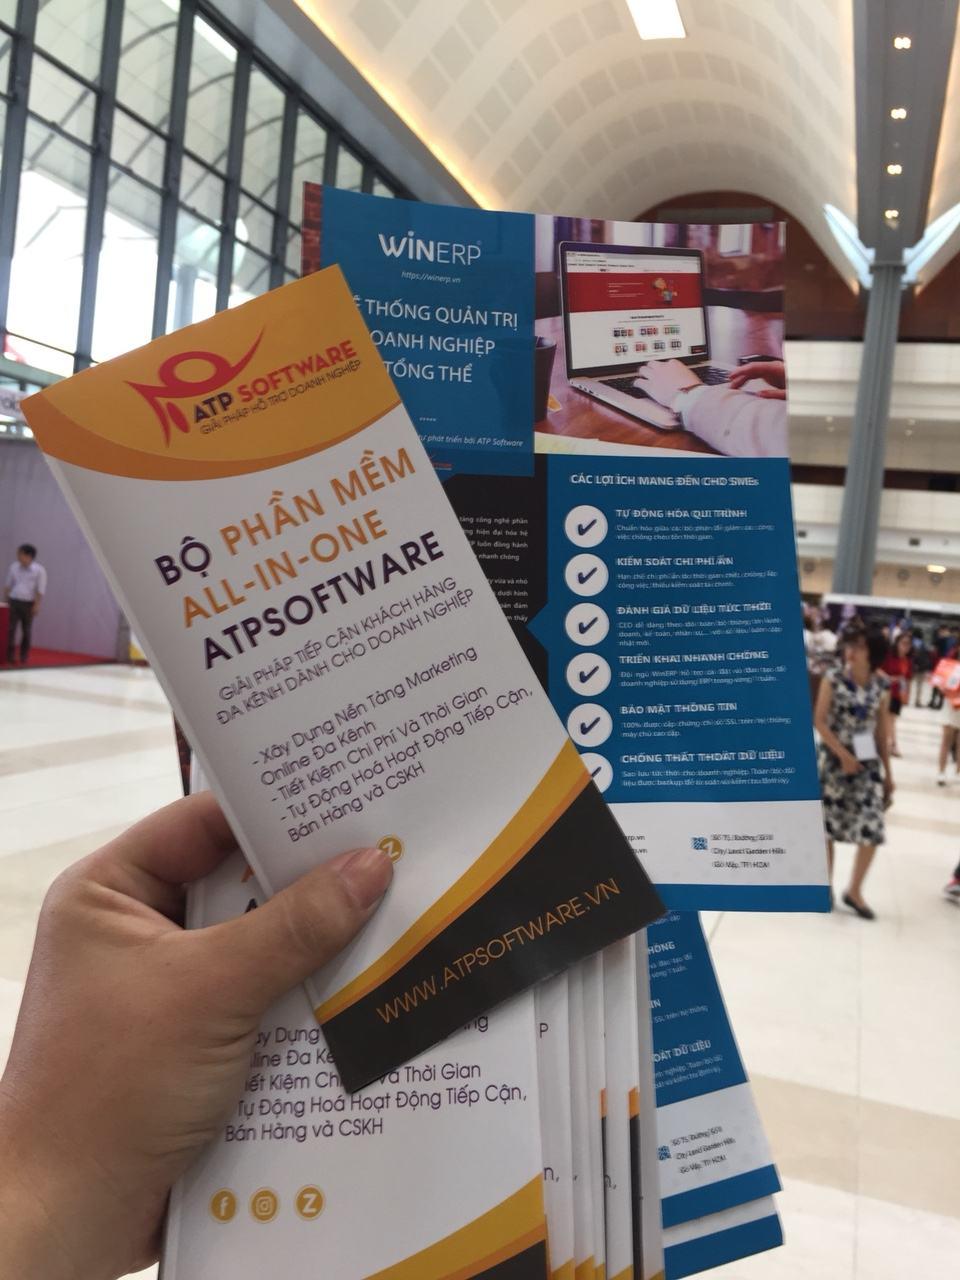 atp dn 4 - Đến ngay gian hàng của ATP Software tại Sự kiện Marketing lớn nhất châu Á tại Hà Nội để nhận nhiều ưu đãi